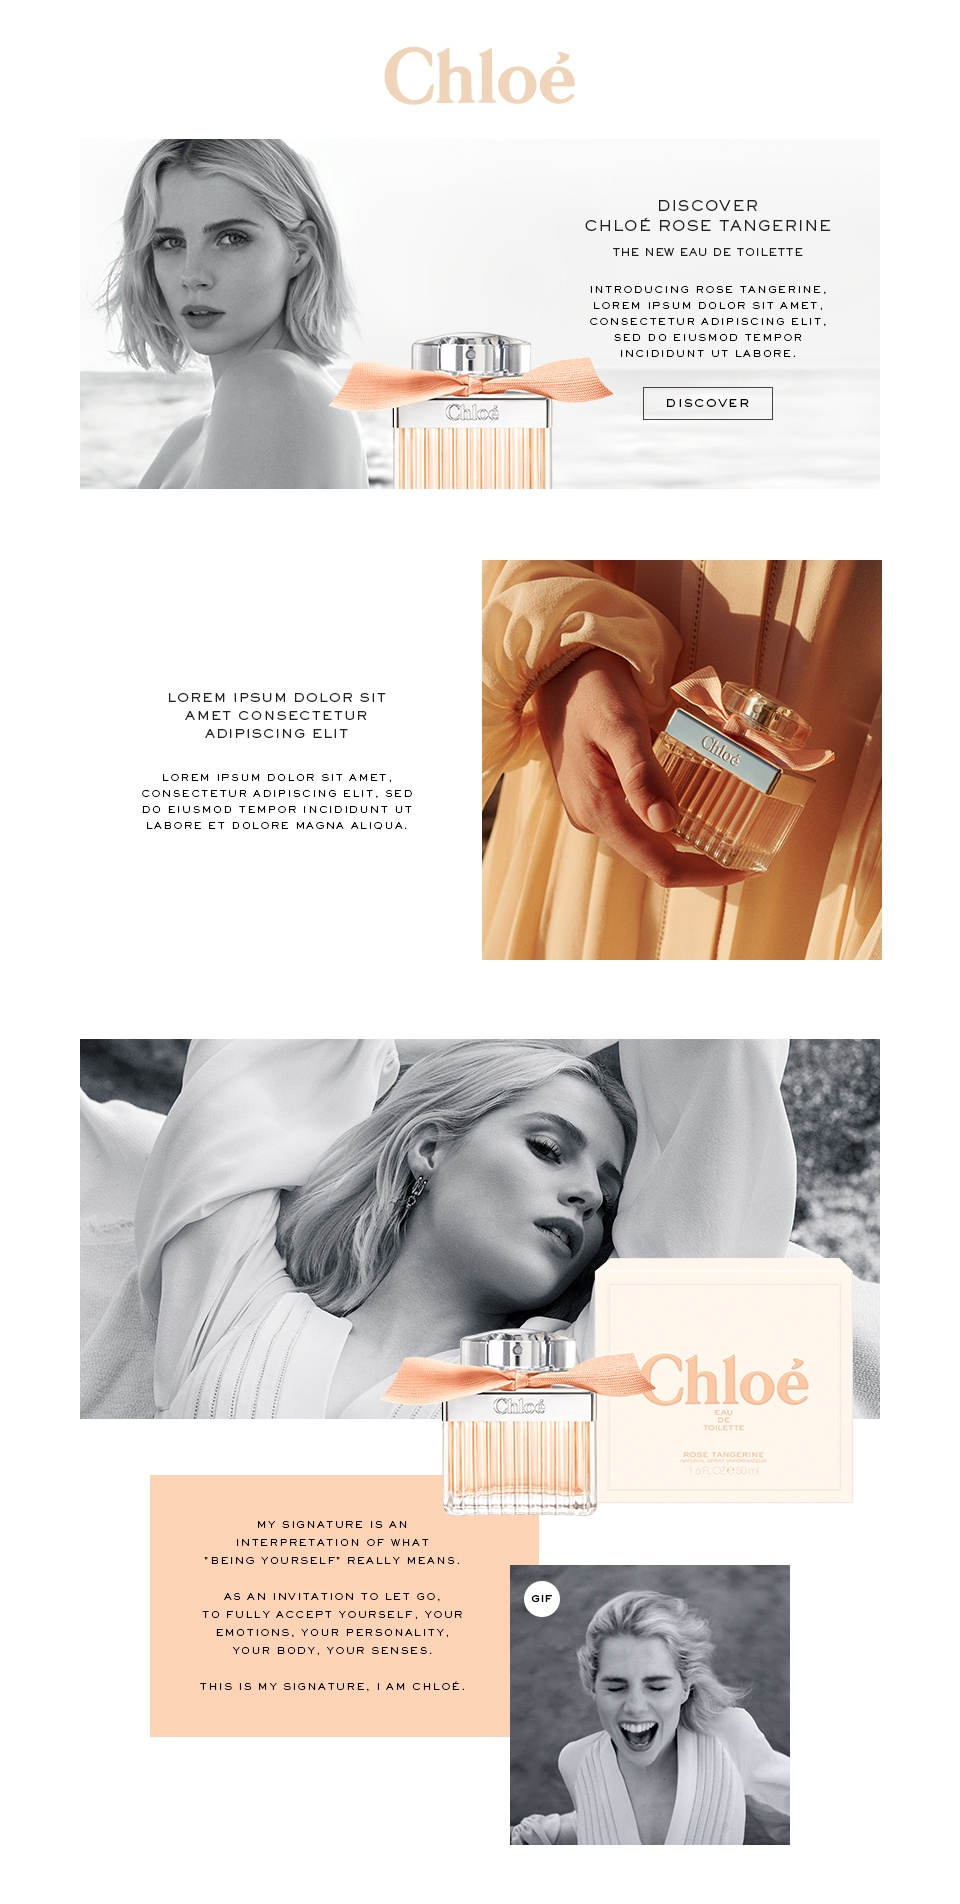 Chloé / Rose Tangerine EDT